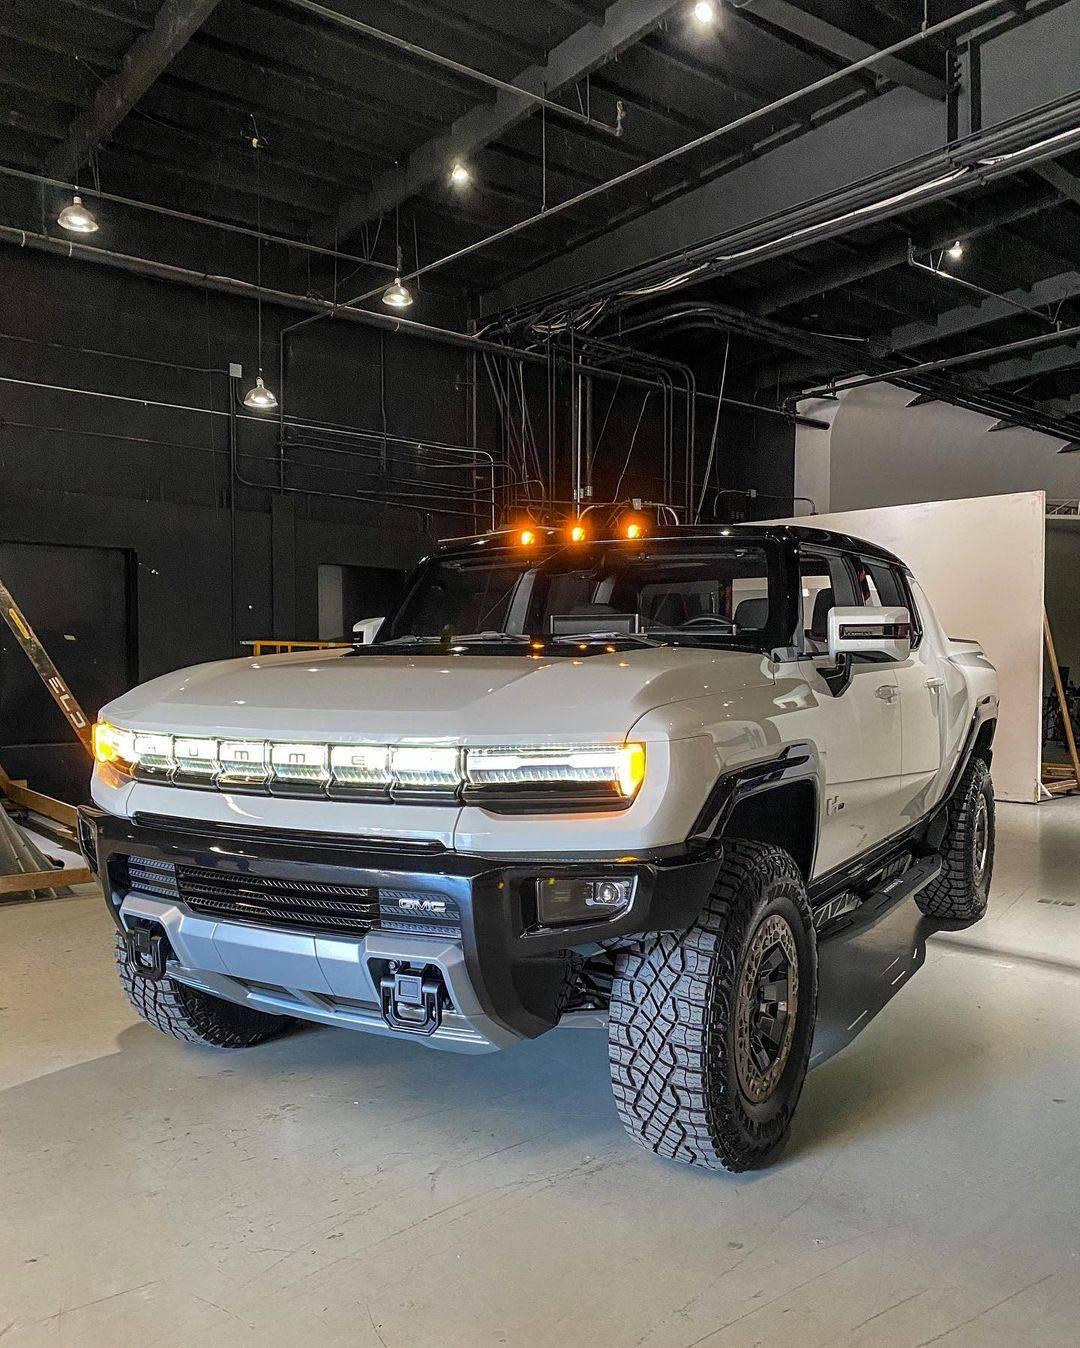 当初新悍马EV真车出现的时候,我问你喜不喜欢